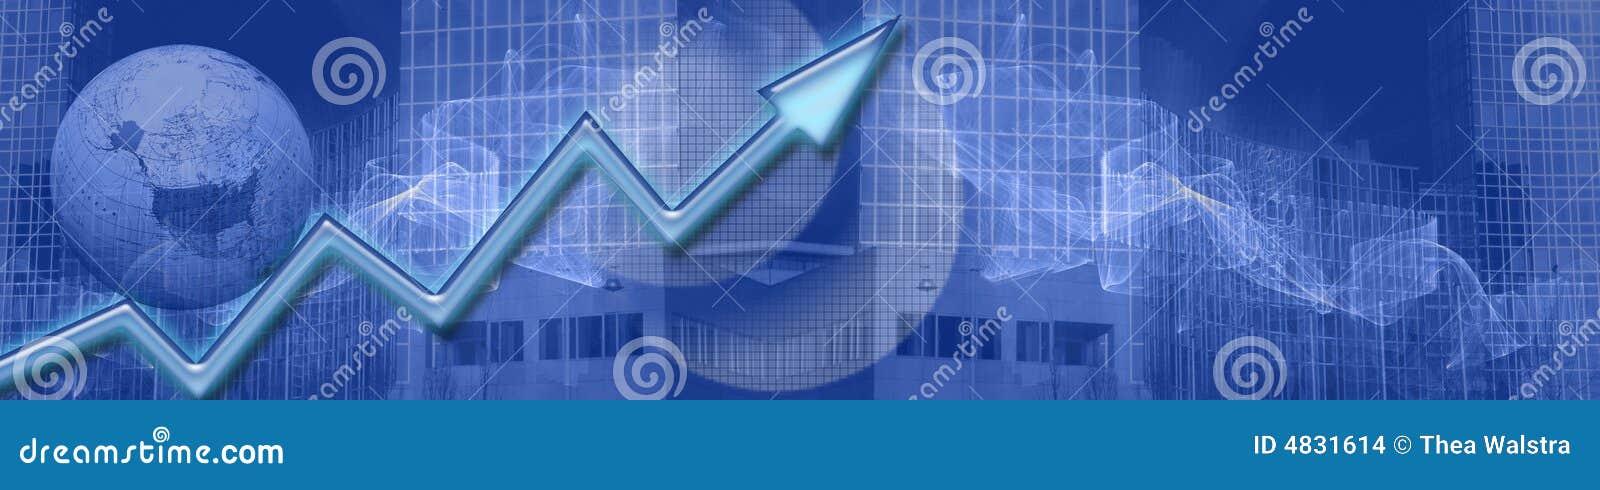 Vorsatz zunehmenww Geschäftserfolg